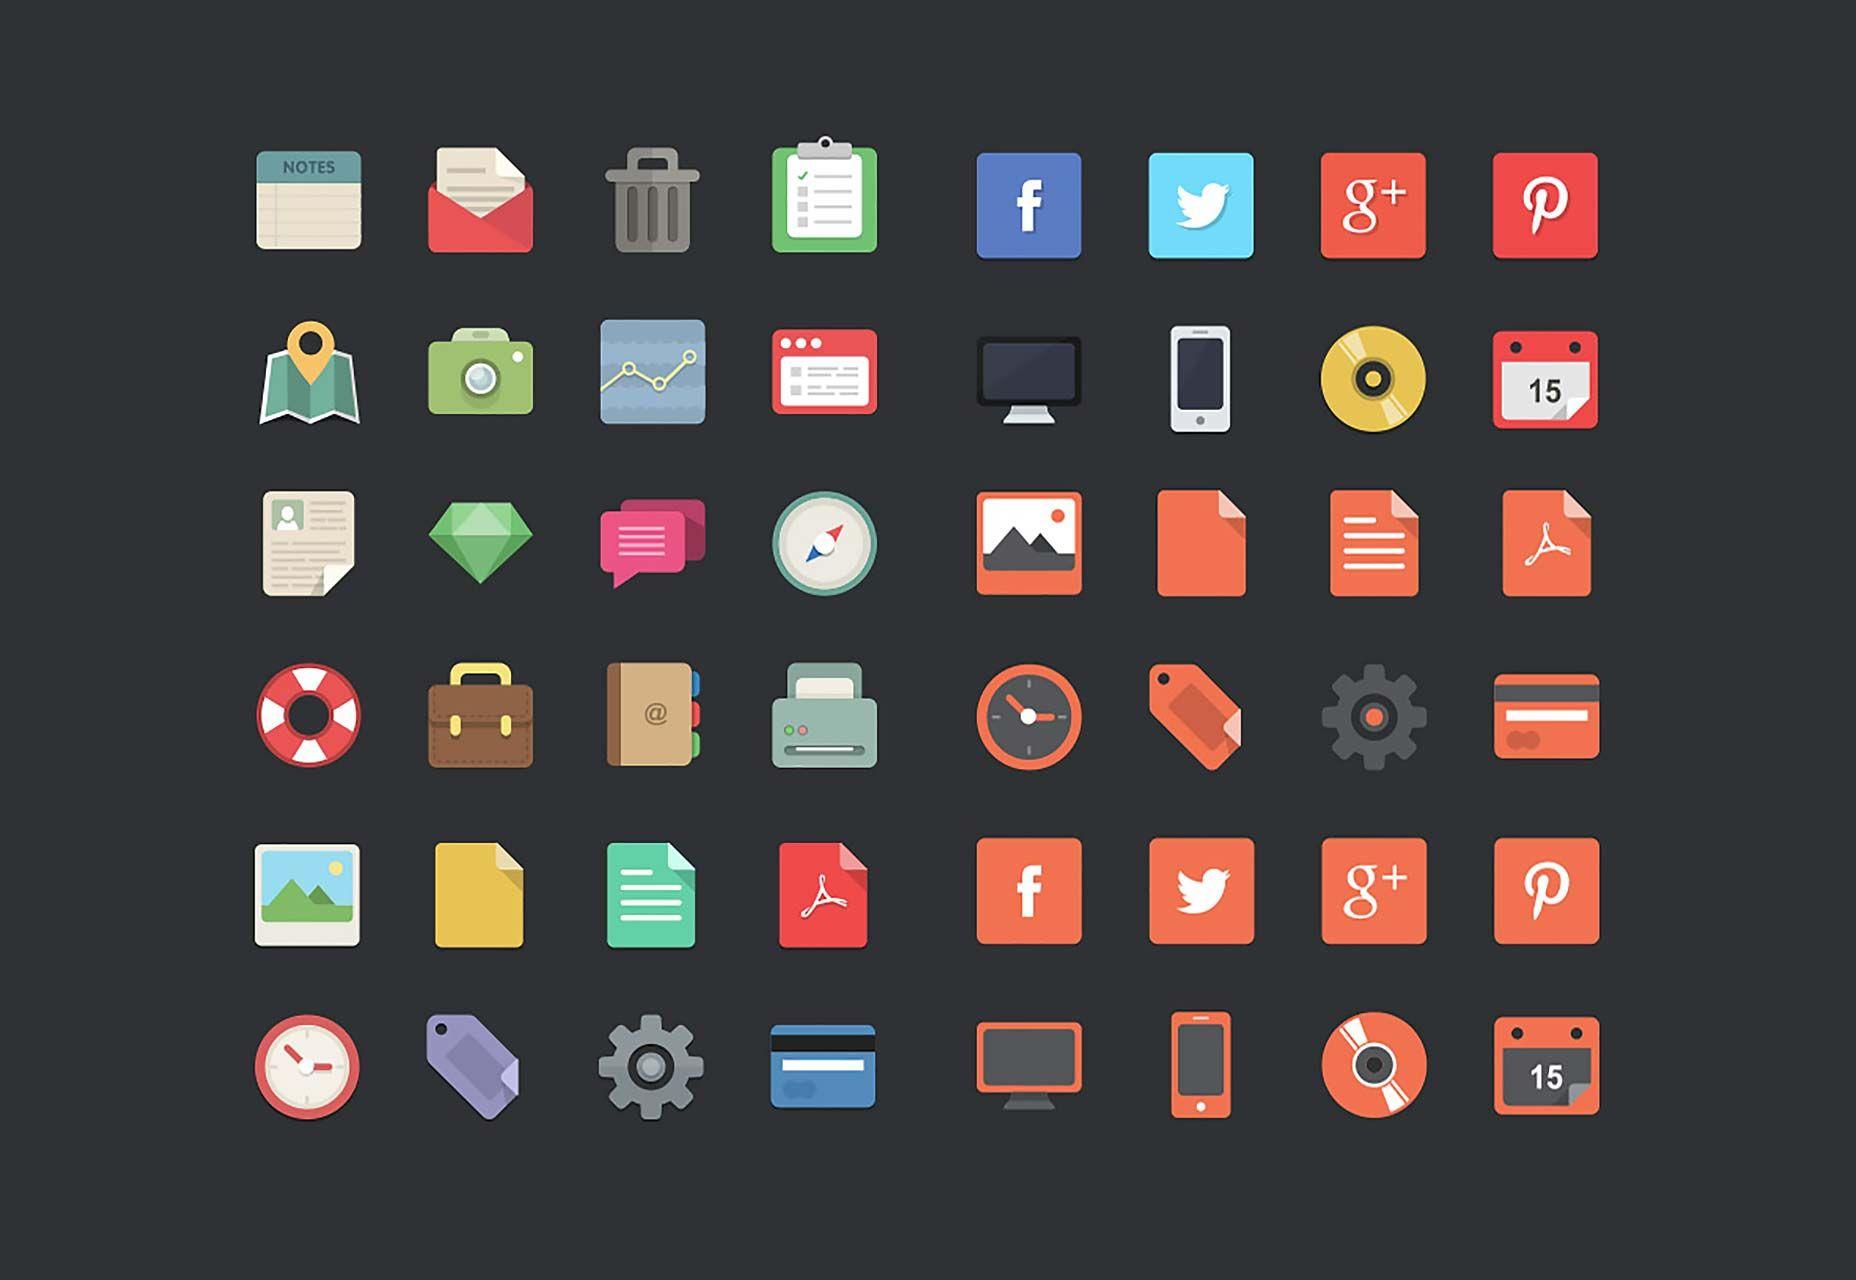 40 best free icon sets, Spring 2015 Icon set, Icon